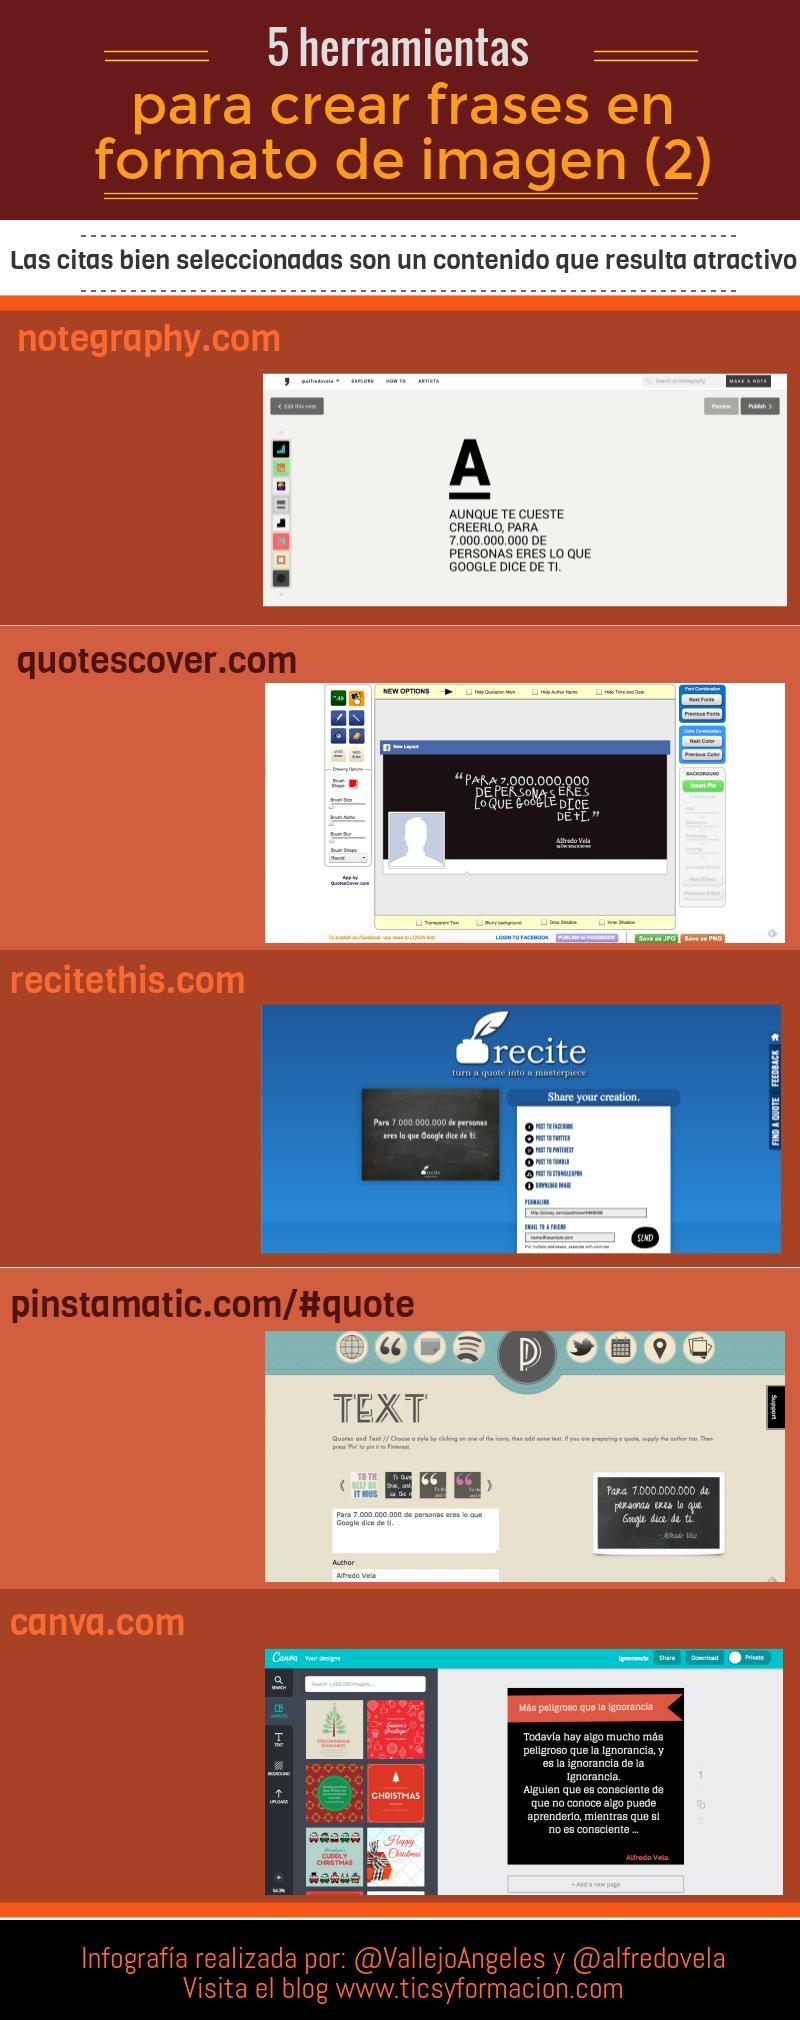 5 herramientas online para crear frases en formato de imagen (2)